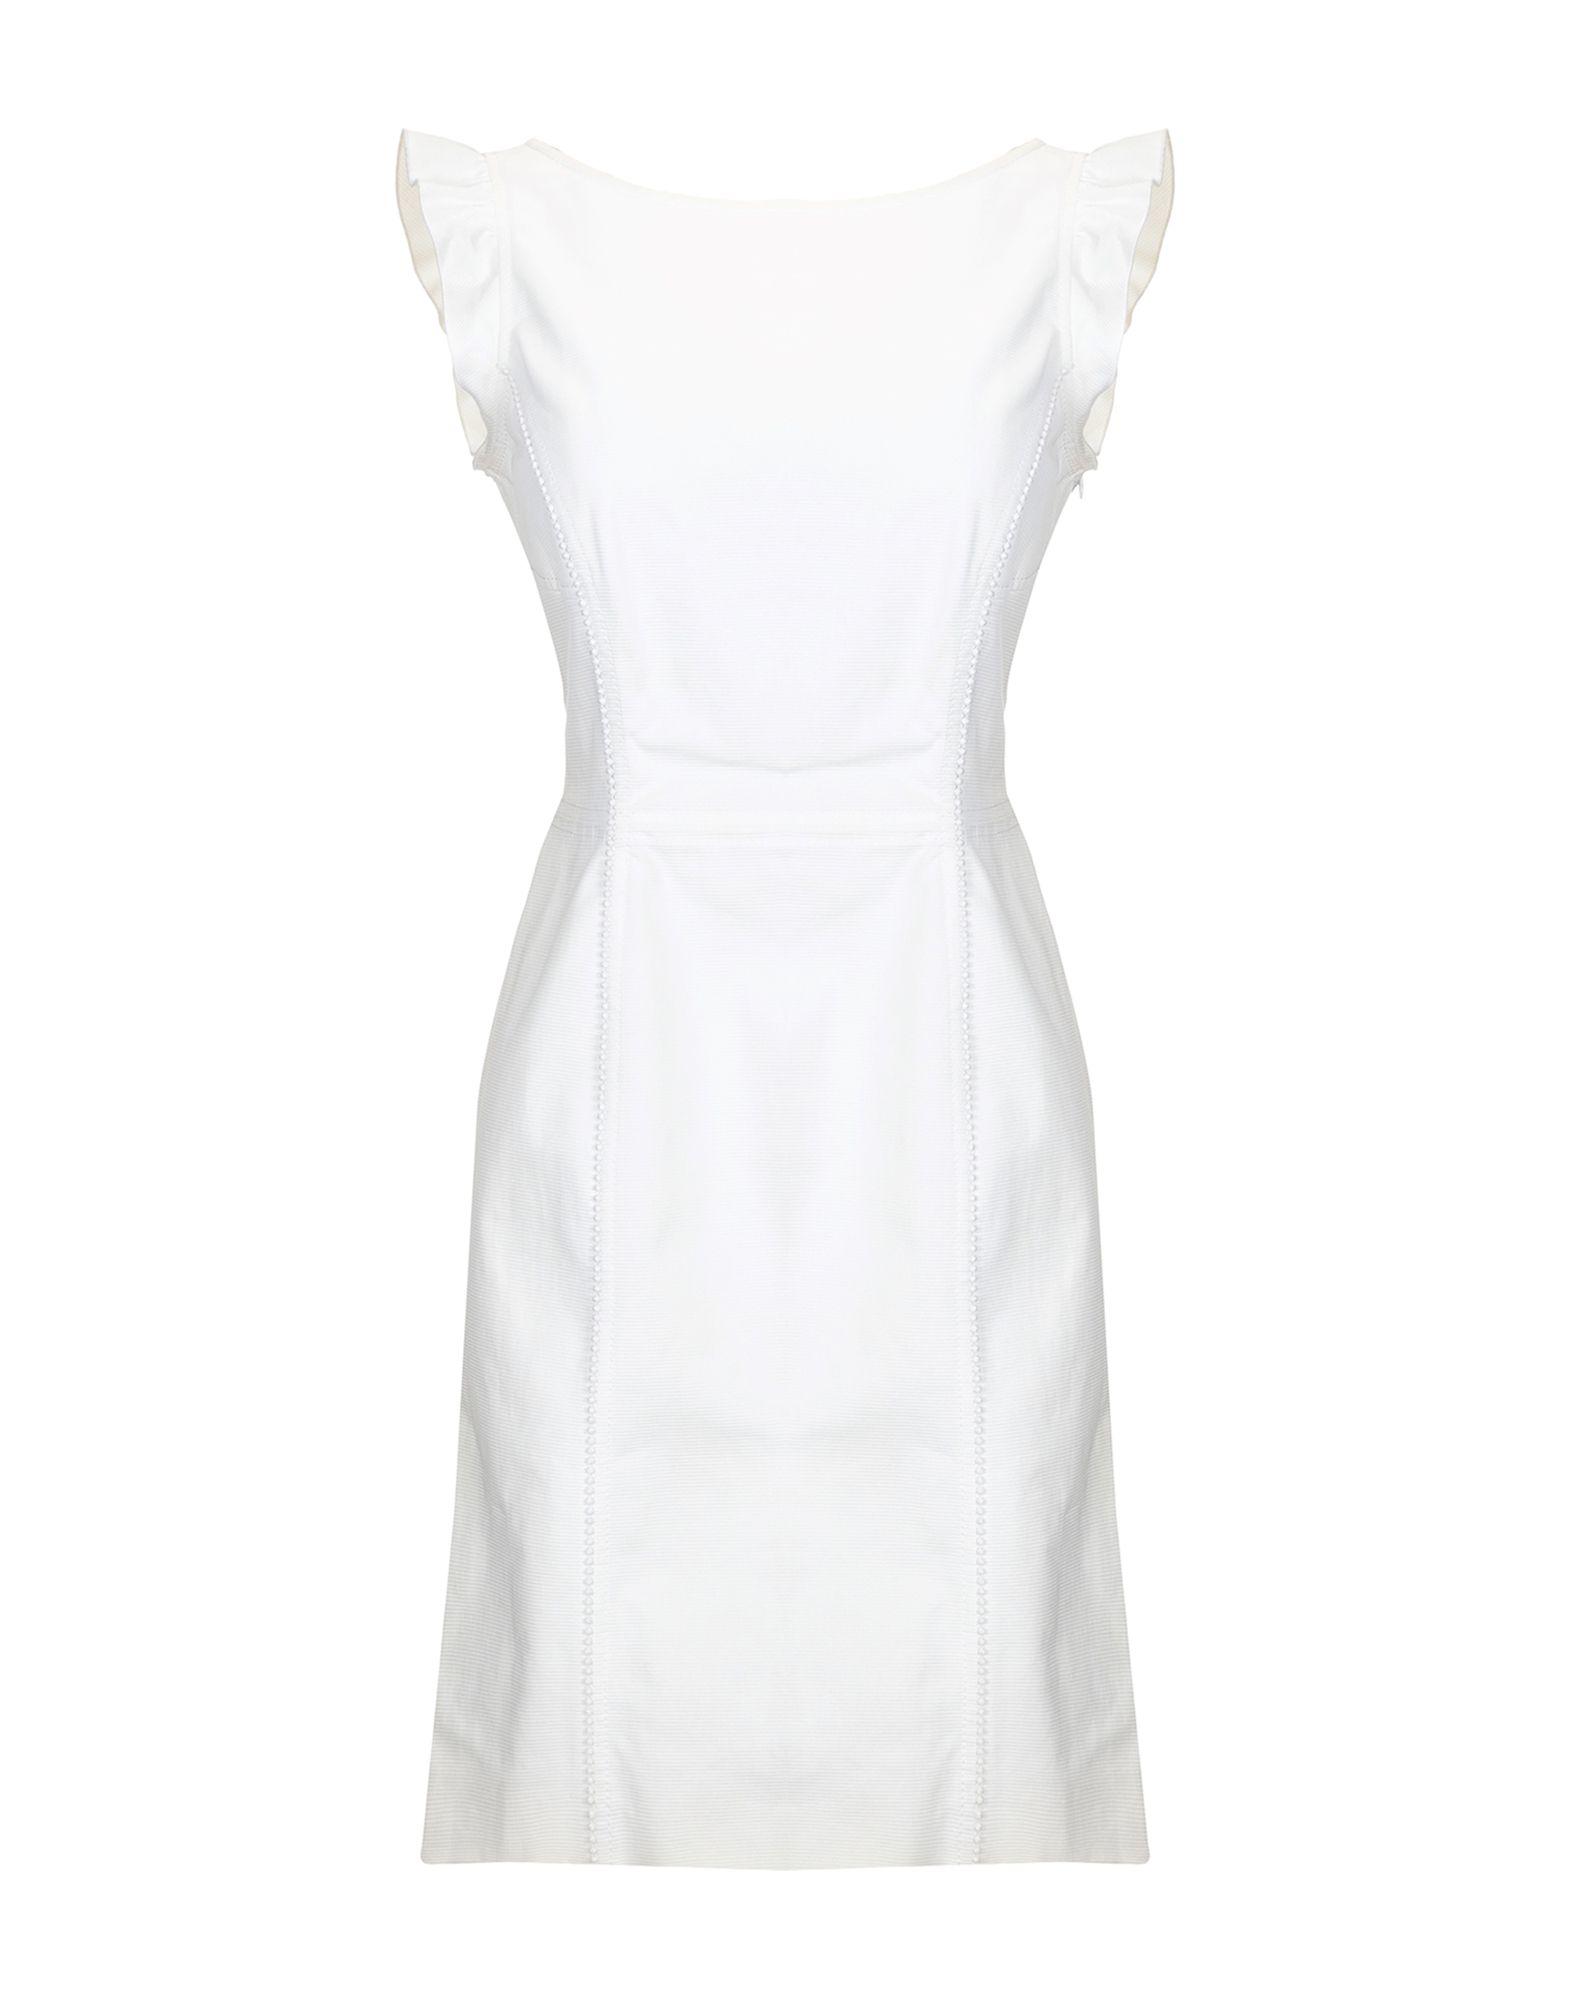 VALENTINO ROMA Короткое платье valentino юбка карандаш с кружевом